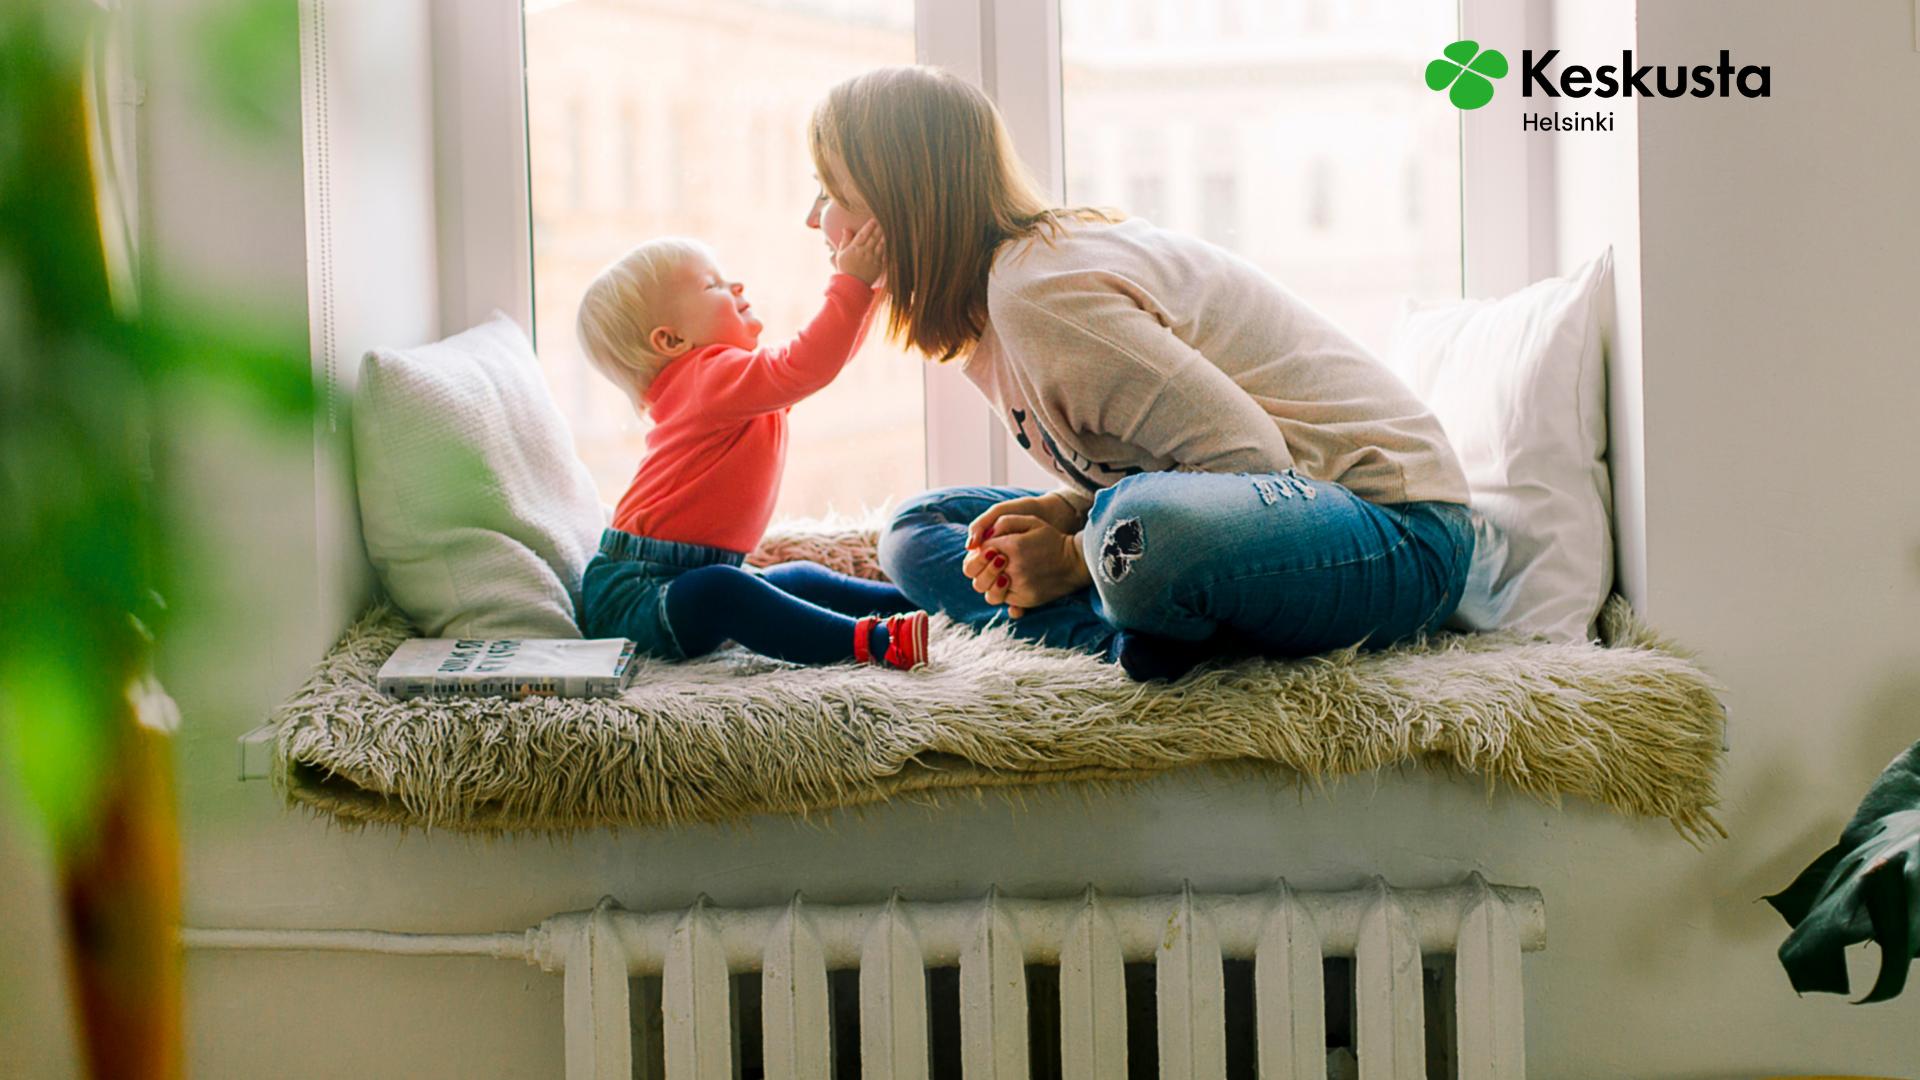 Pieni lapsi ja äiti istuvat ikkunalaudalla. Perhevapaauudistus on voitto perheille